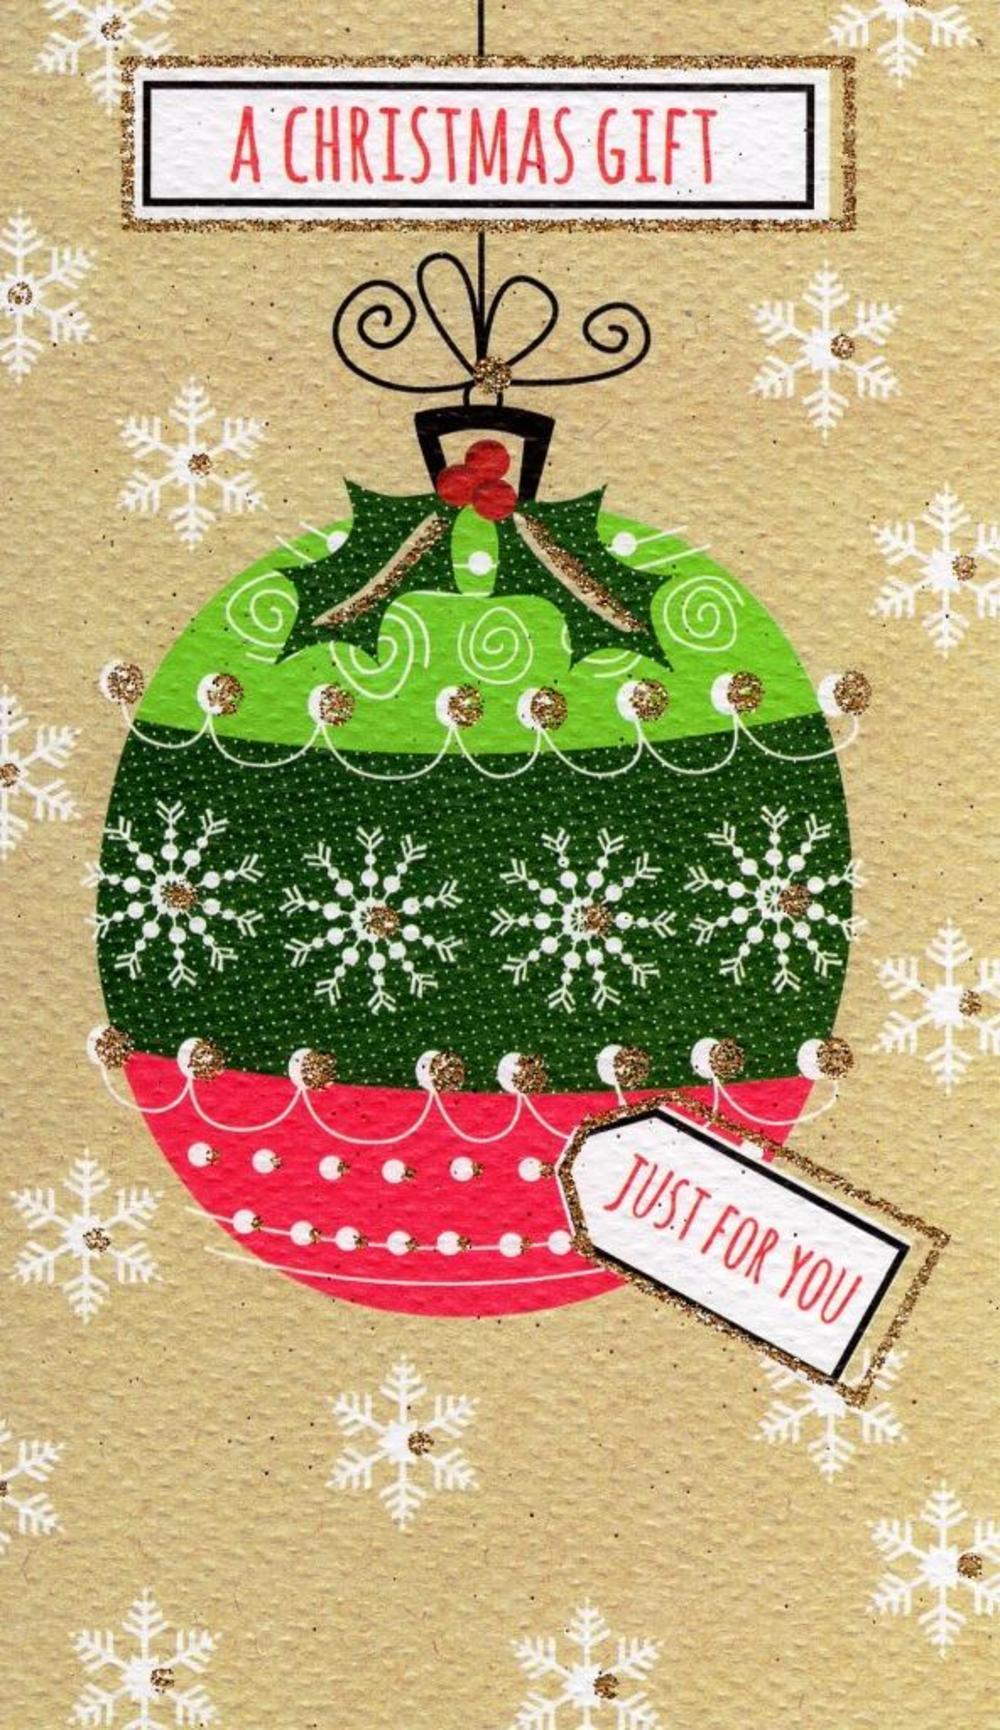 A Christmas Gift Moneyholder Christmas Gift Card